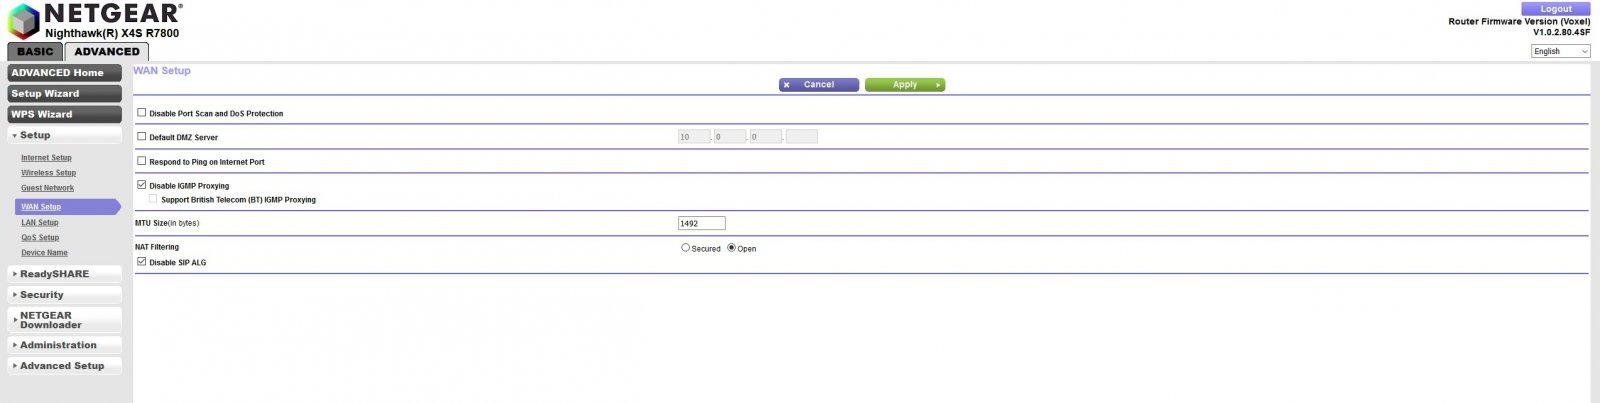 netgear-router-2.jpg